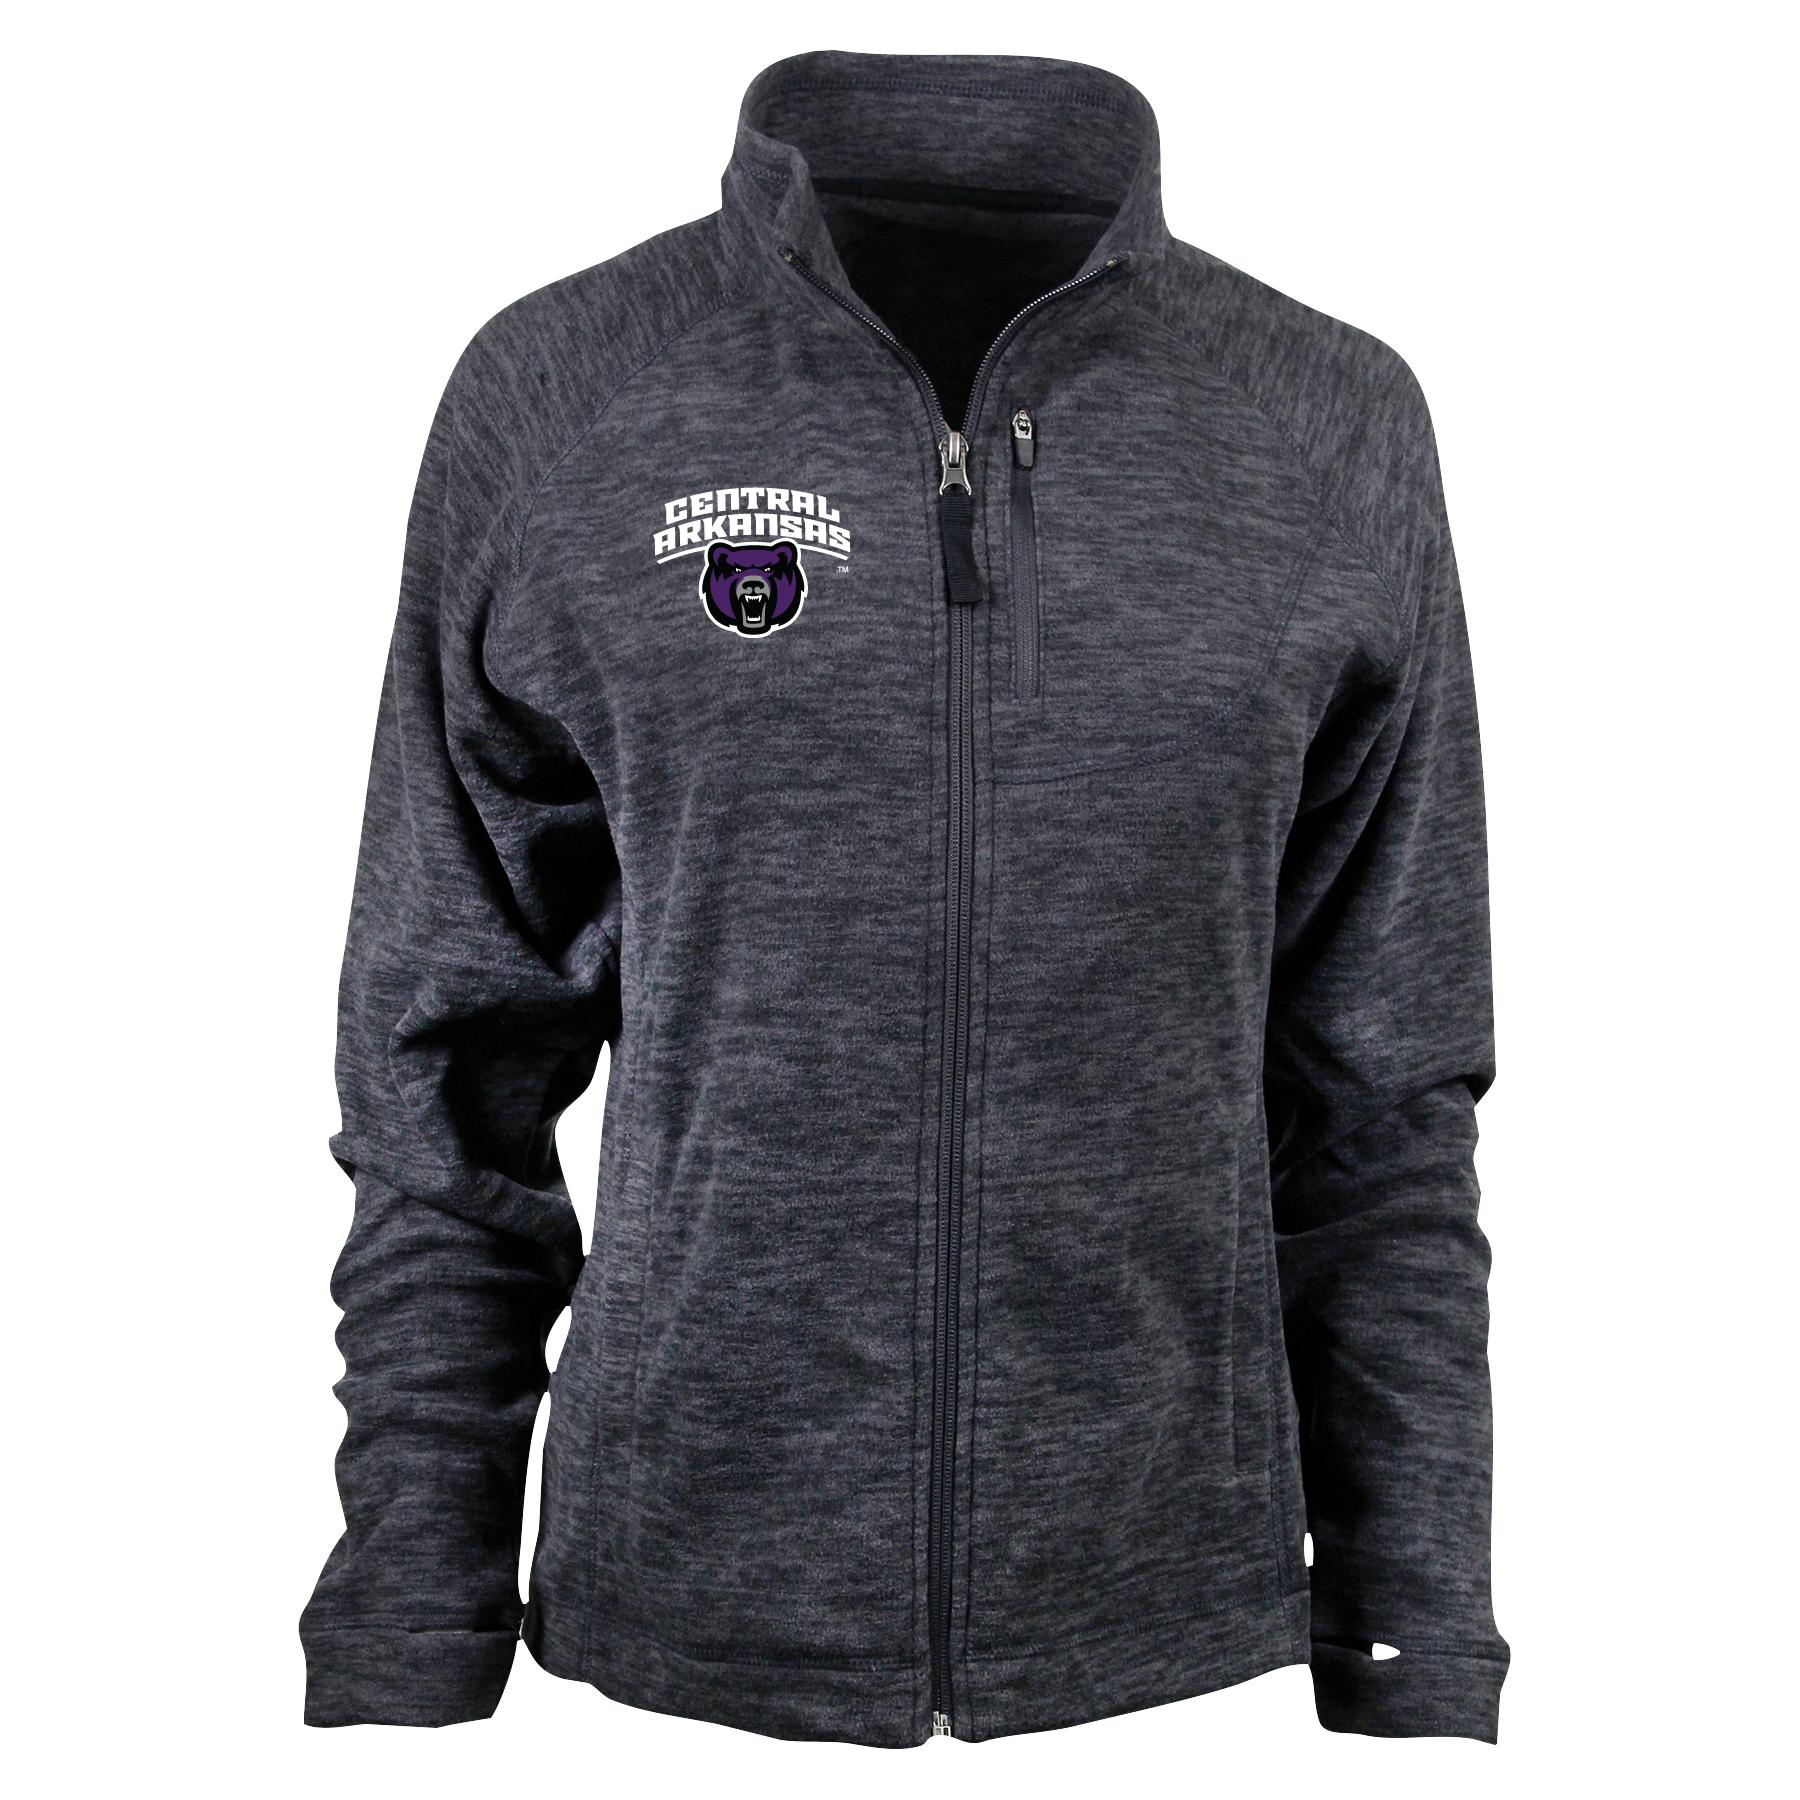 Women's Guide Jacket